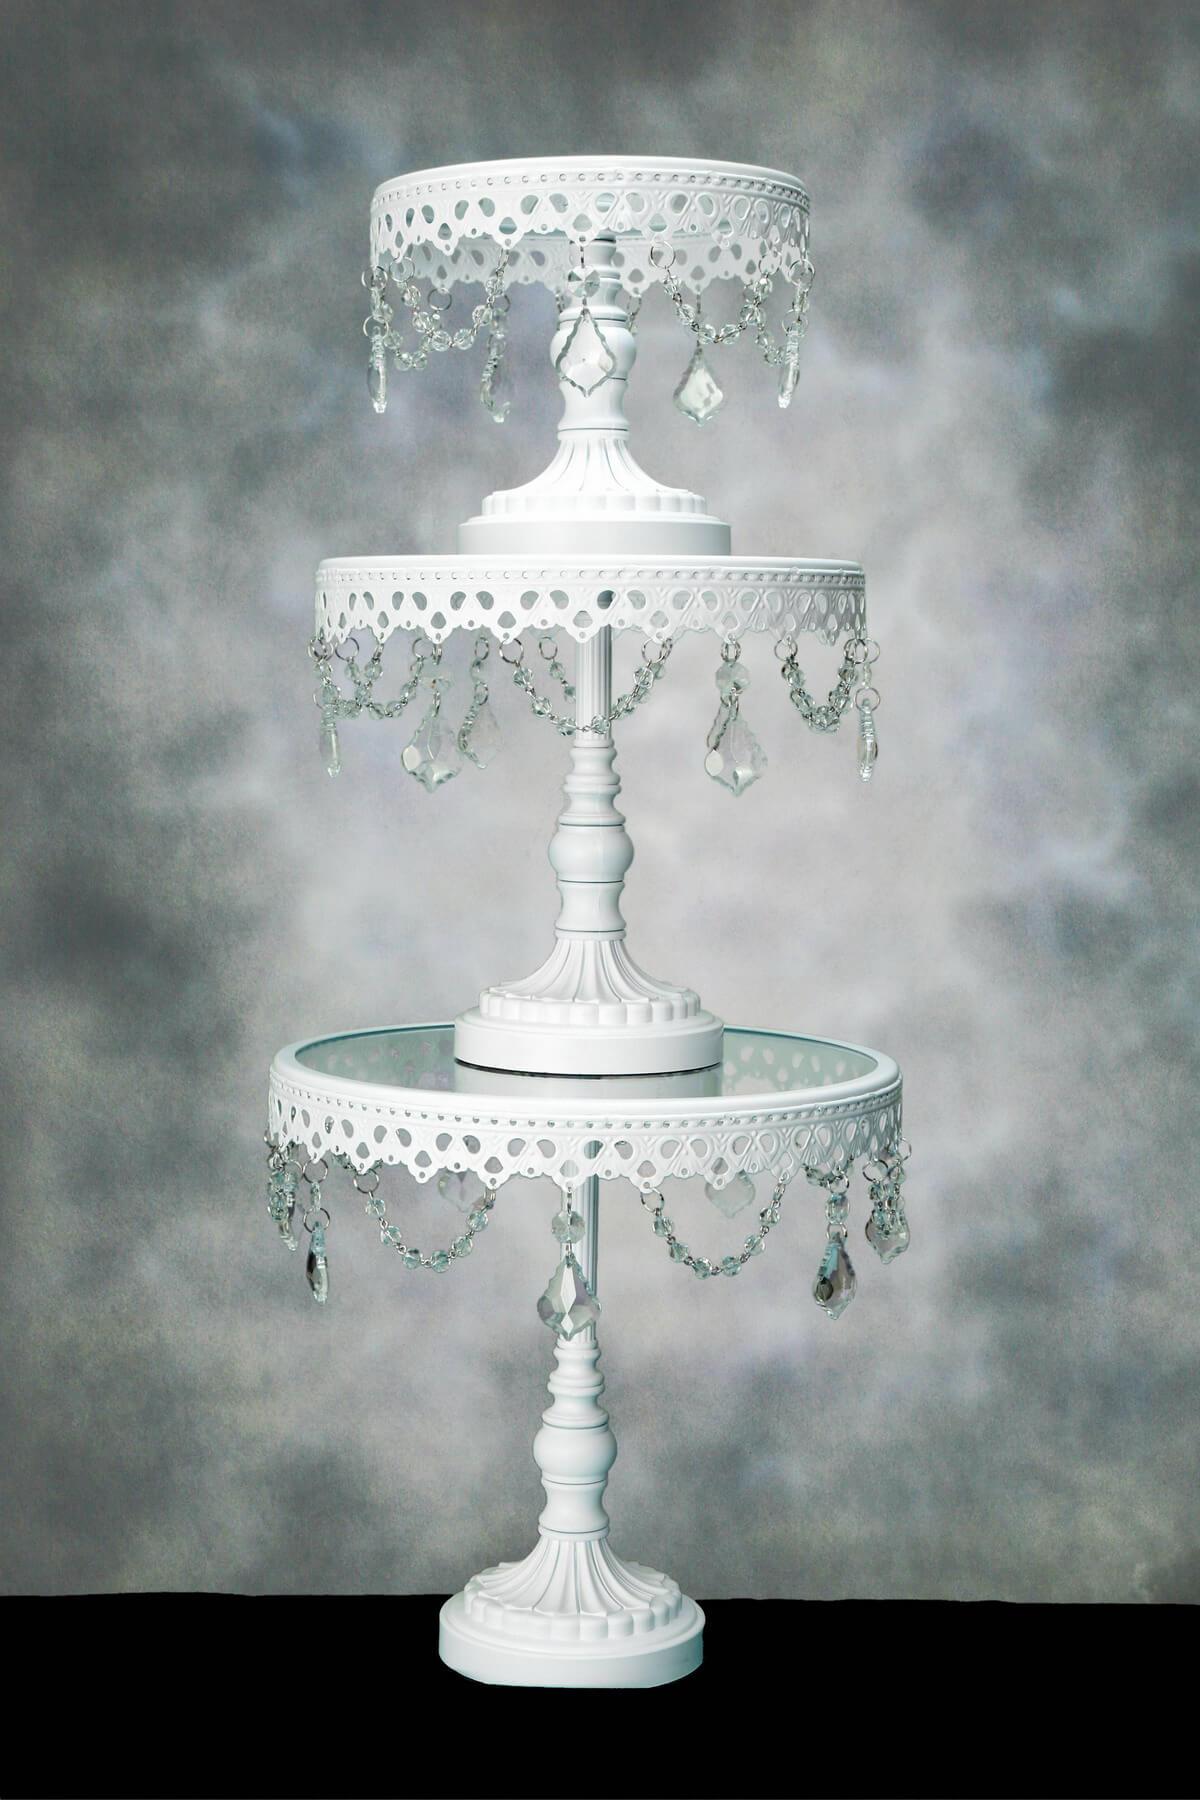 Crystal Cake Stands Pedestal Set Of 3